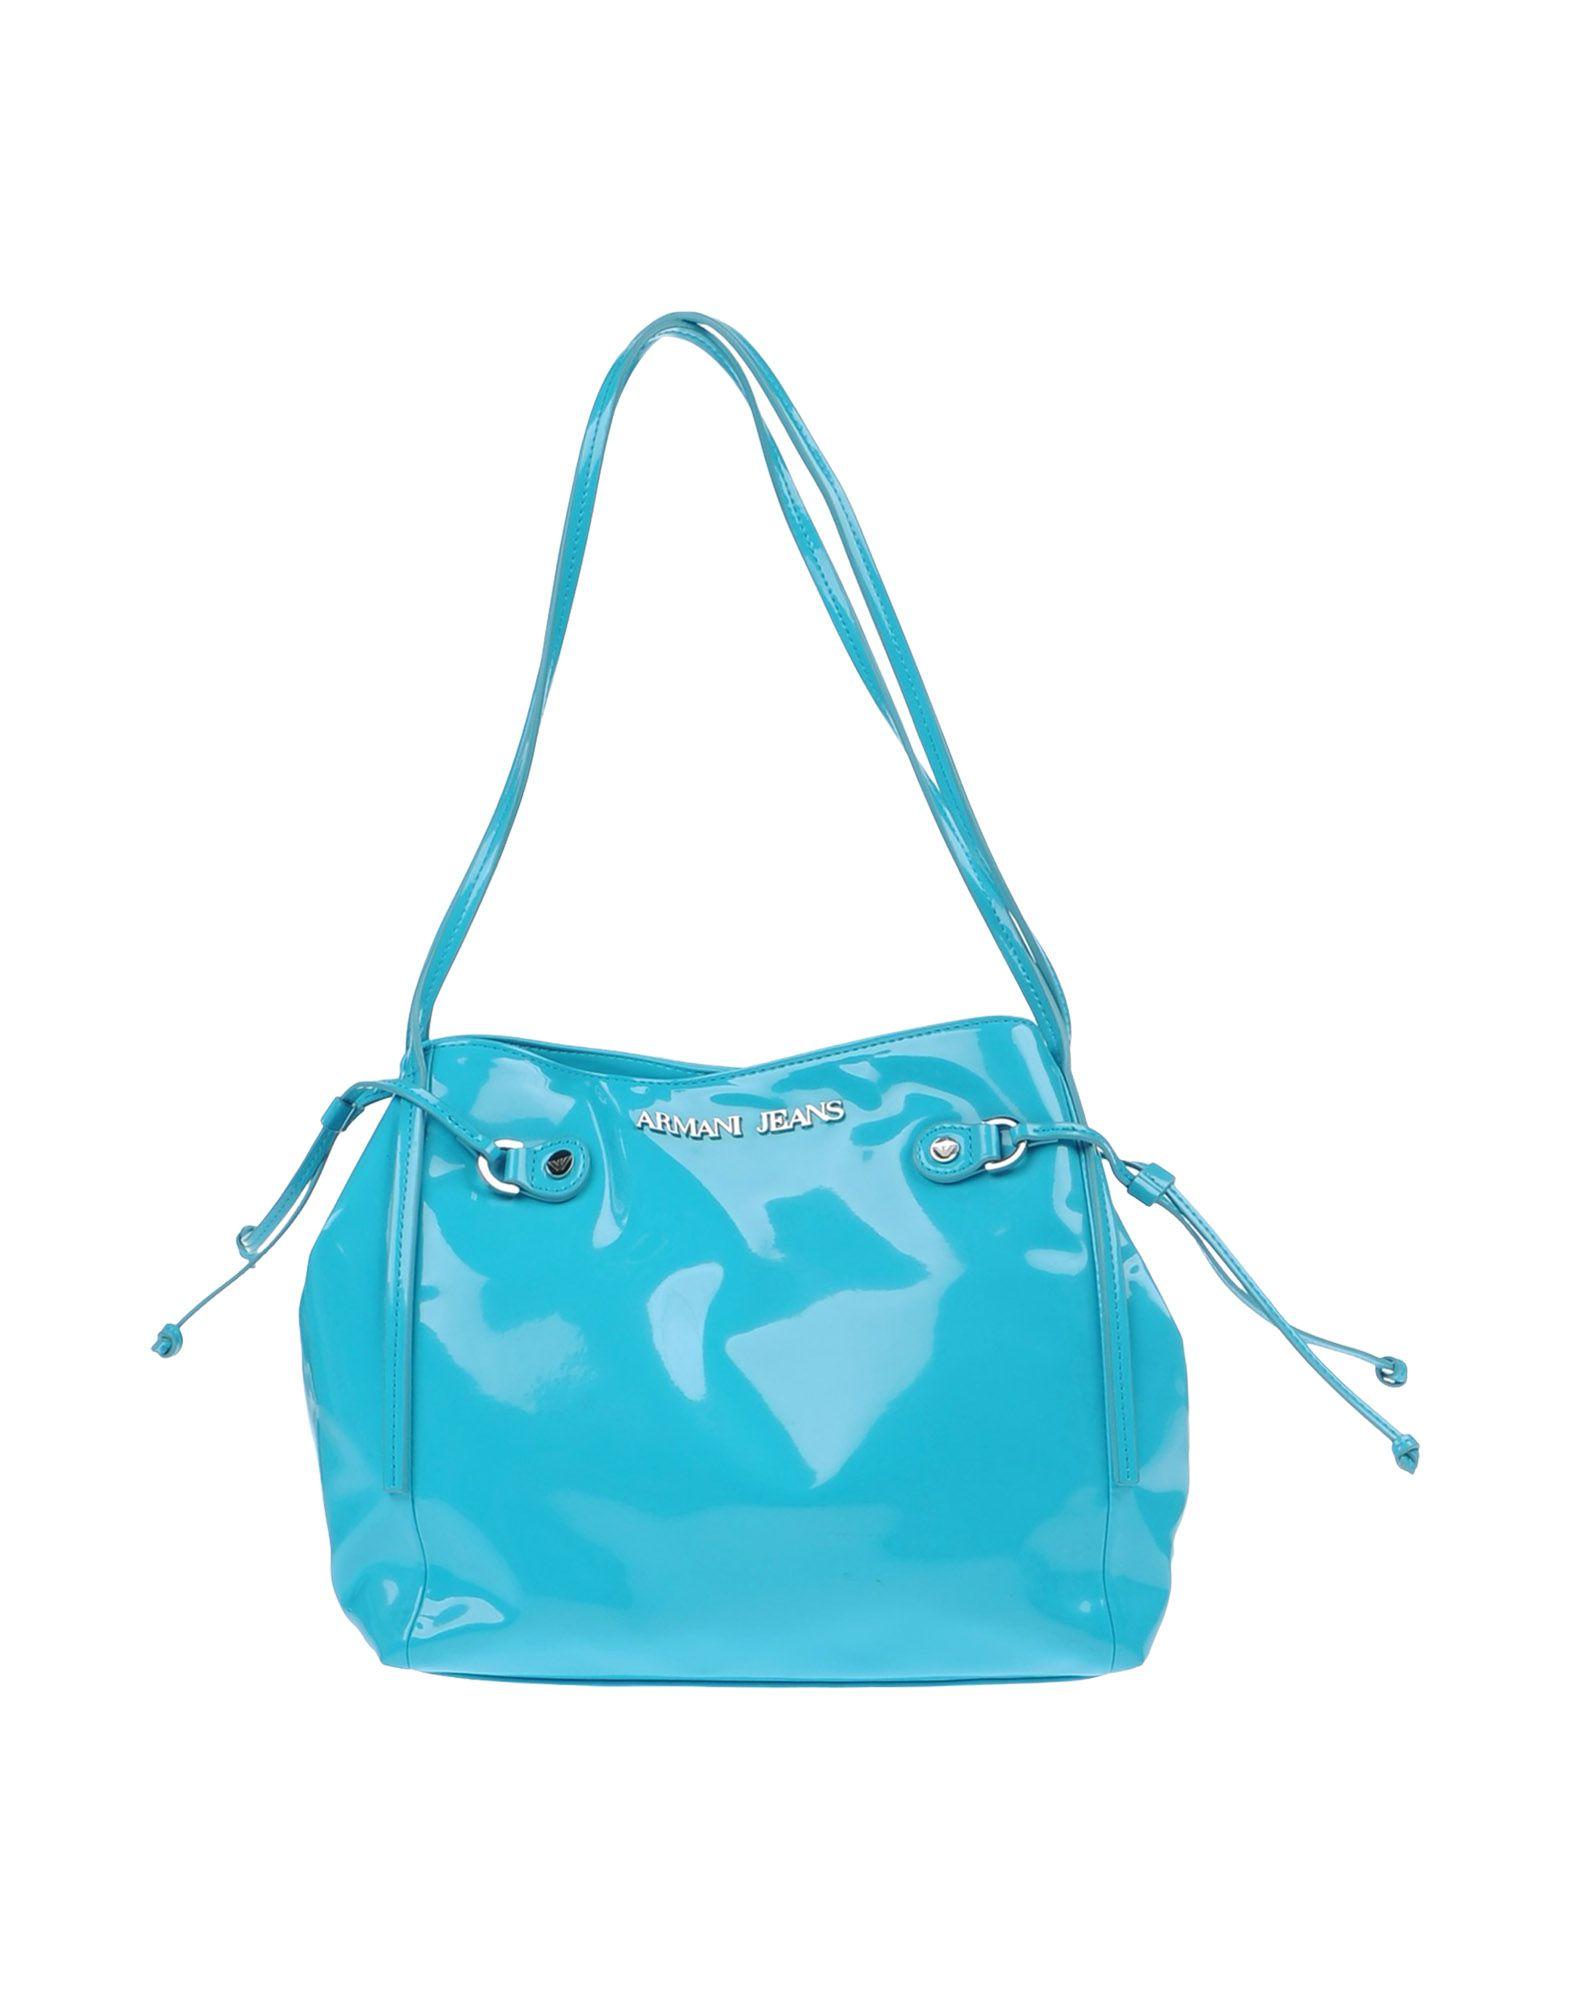 ARMANI JEANS Сумка на плечо сумка armani 05251 aj jeans logo